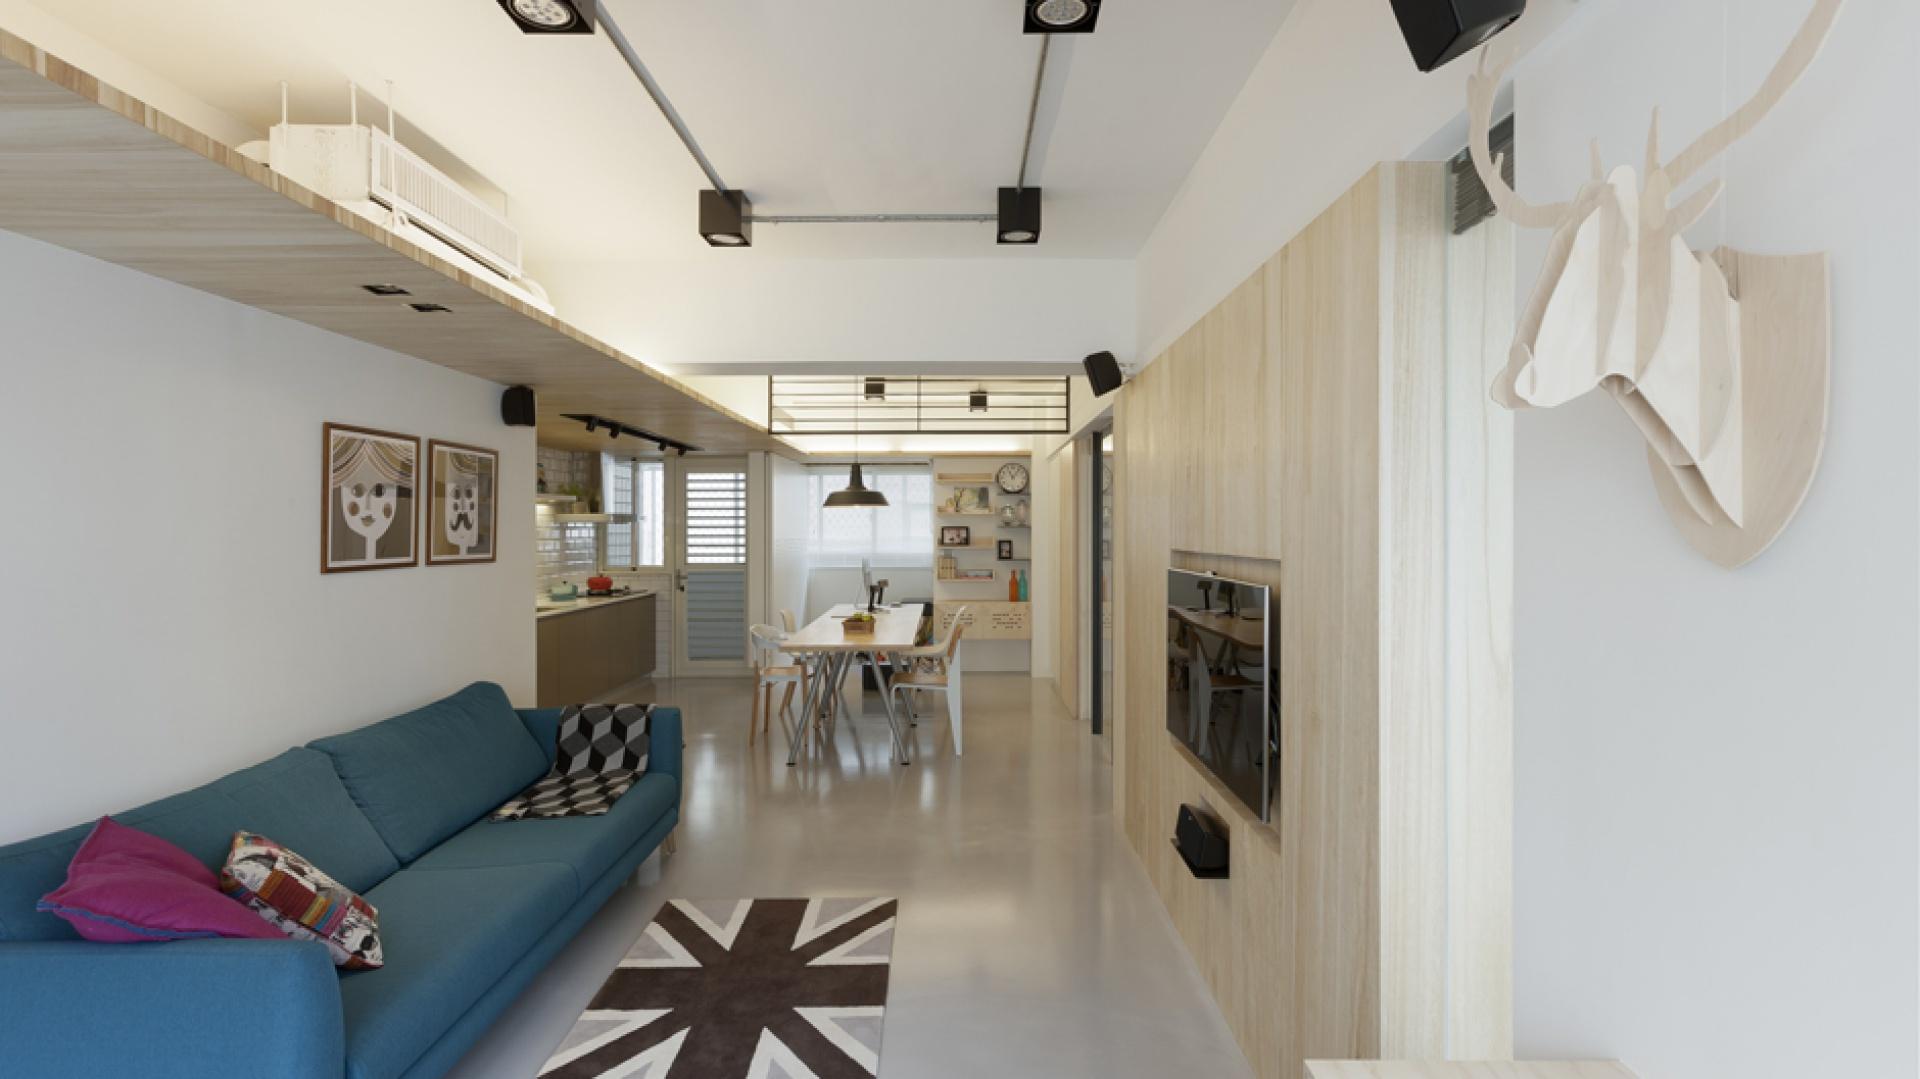 Mieszkanie urządzono w stylu, nawiązującym do estetyki wnętrz charakterystycznych dla północy Europy. Jest zatem dużo biel i drewna. Projekt: KC Design Studio. Fot. KC Design Studio.